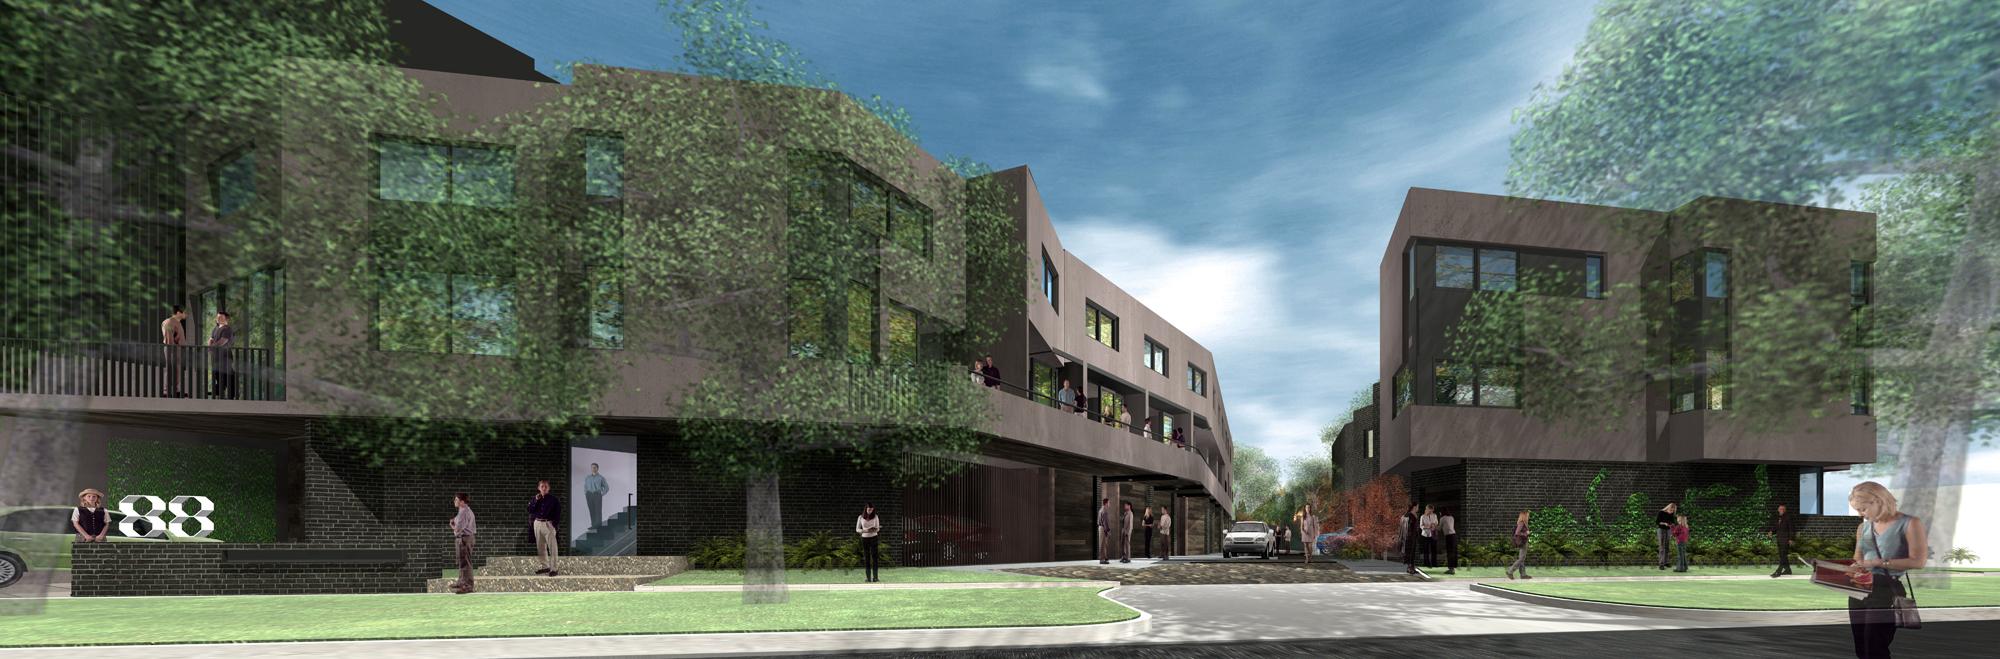 Octo Terraces Concept 2010